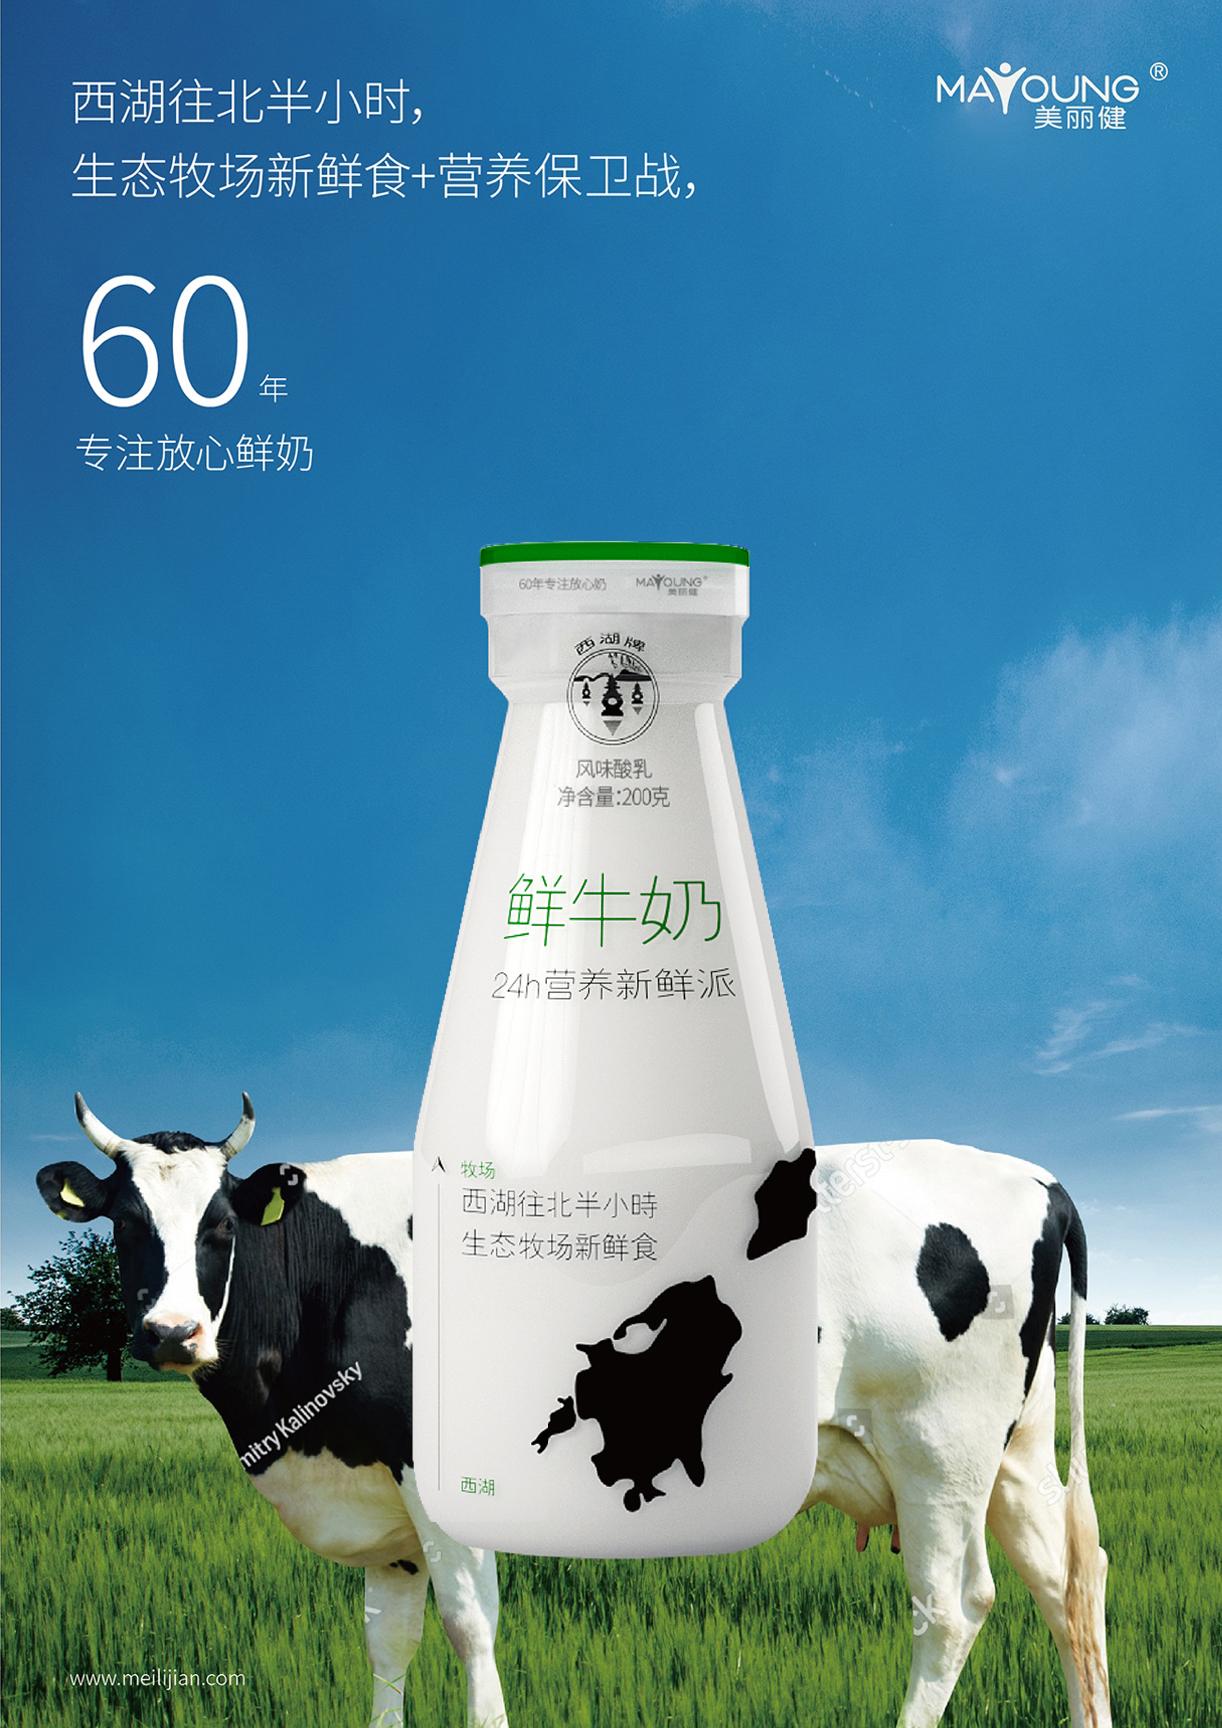 西湖牌牛奶-食品包装策划-达岸品牌营销咨询